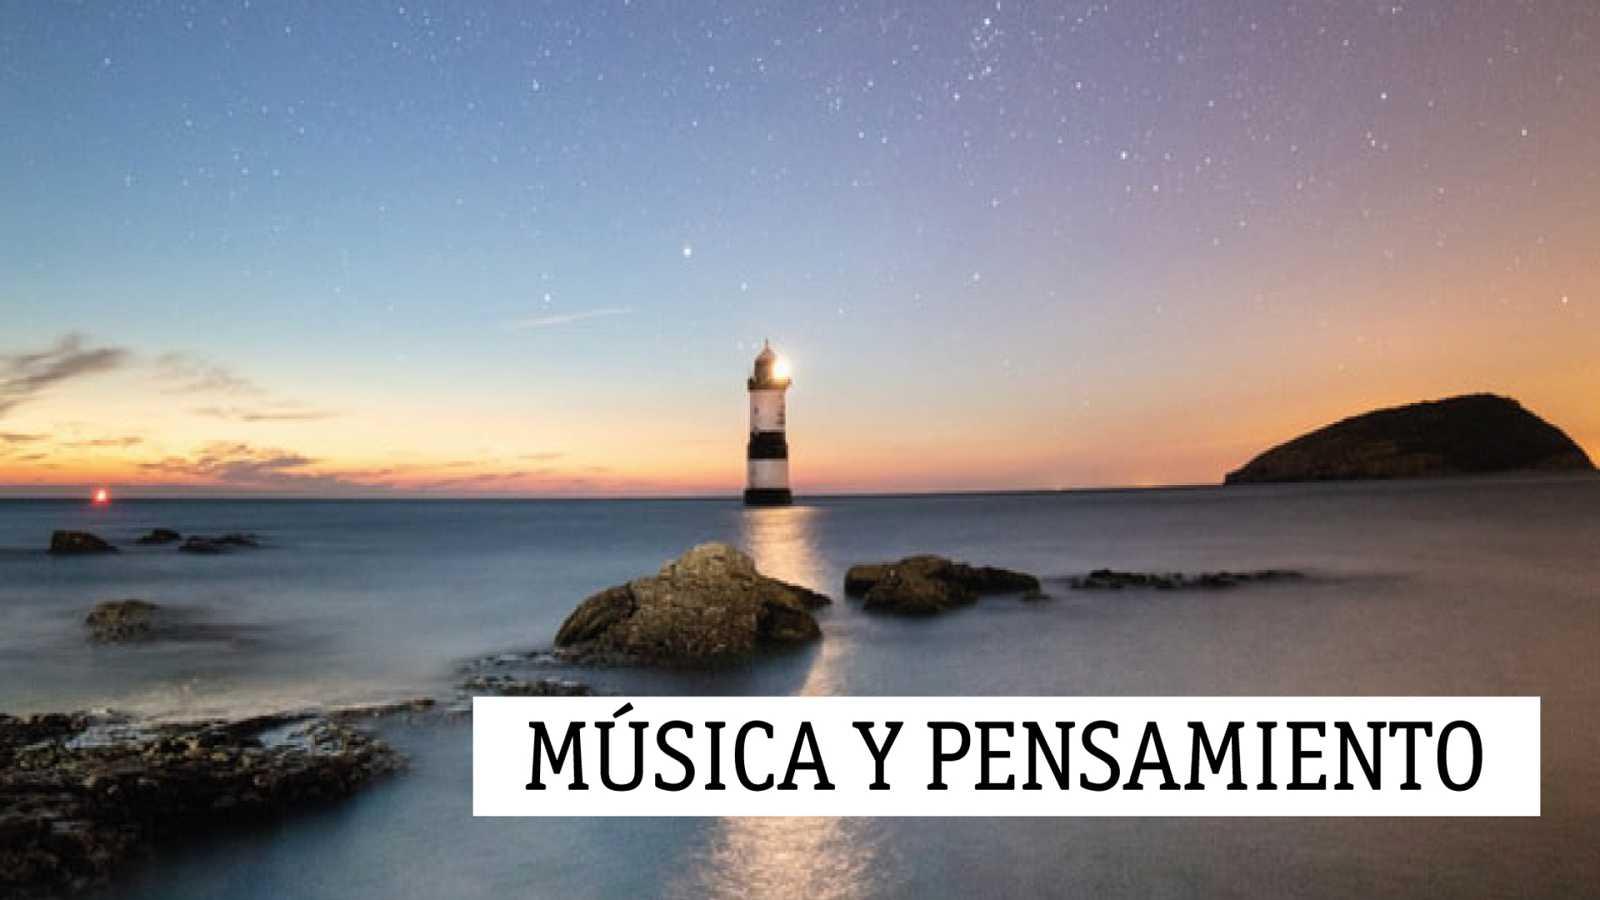 Música y pensamiento - La importancia de la filosofía en la enseñanza secundaria - 07/06/20 - escuchar ahora